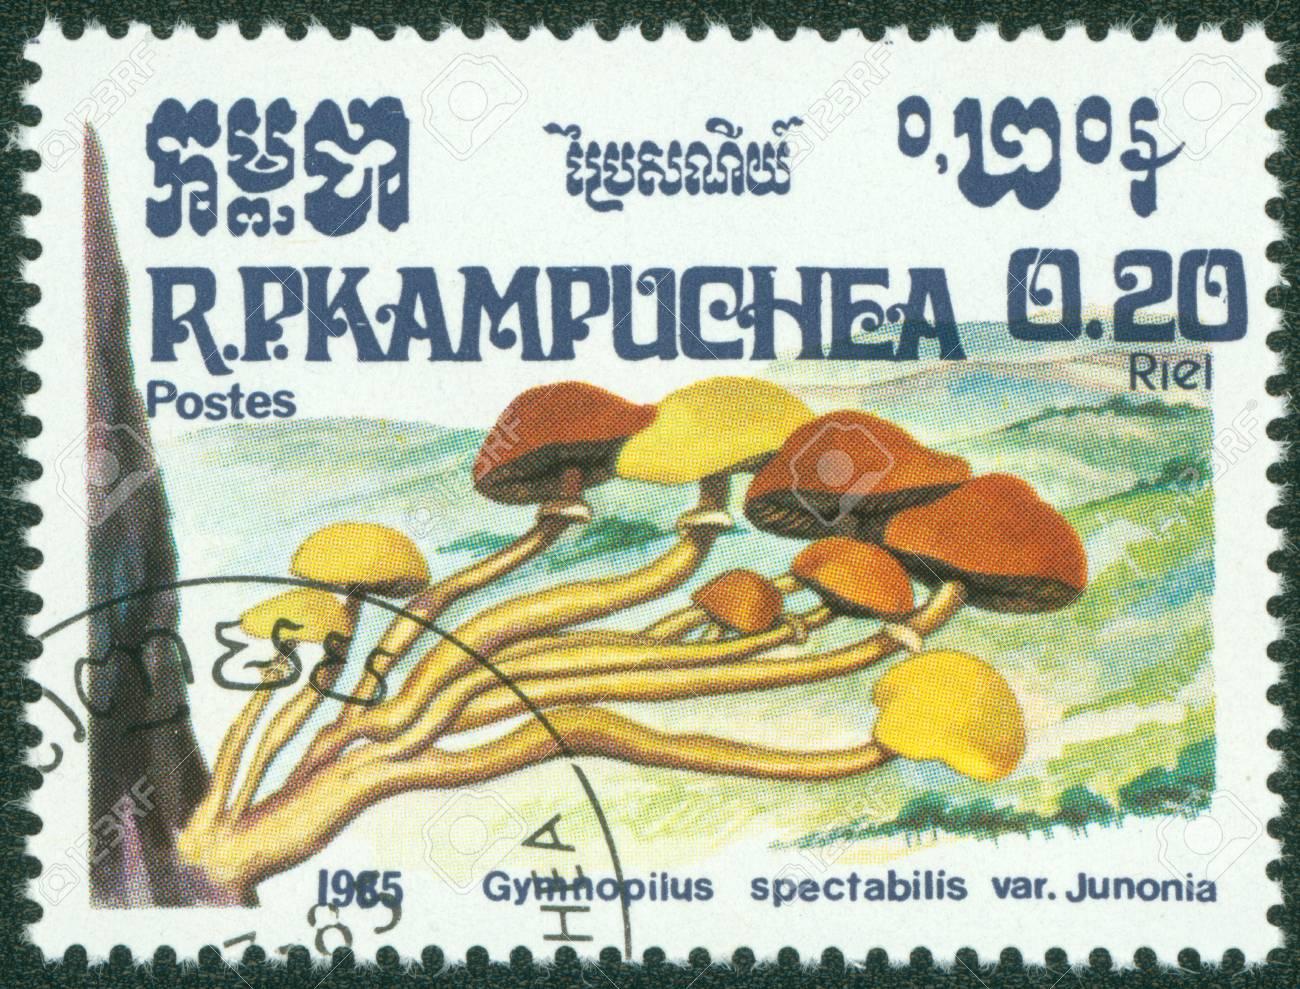 CAMBODIA - CIRCA 1985  A stamp printed in Cambodia shows Mushroom, circa 1985 Stock Photo - 16302149